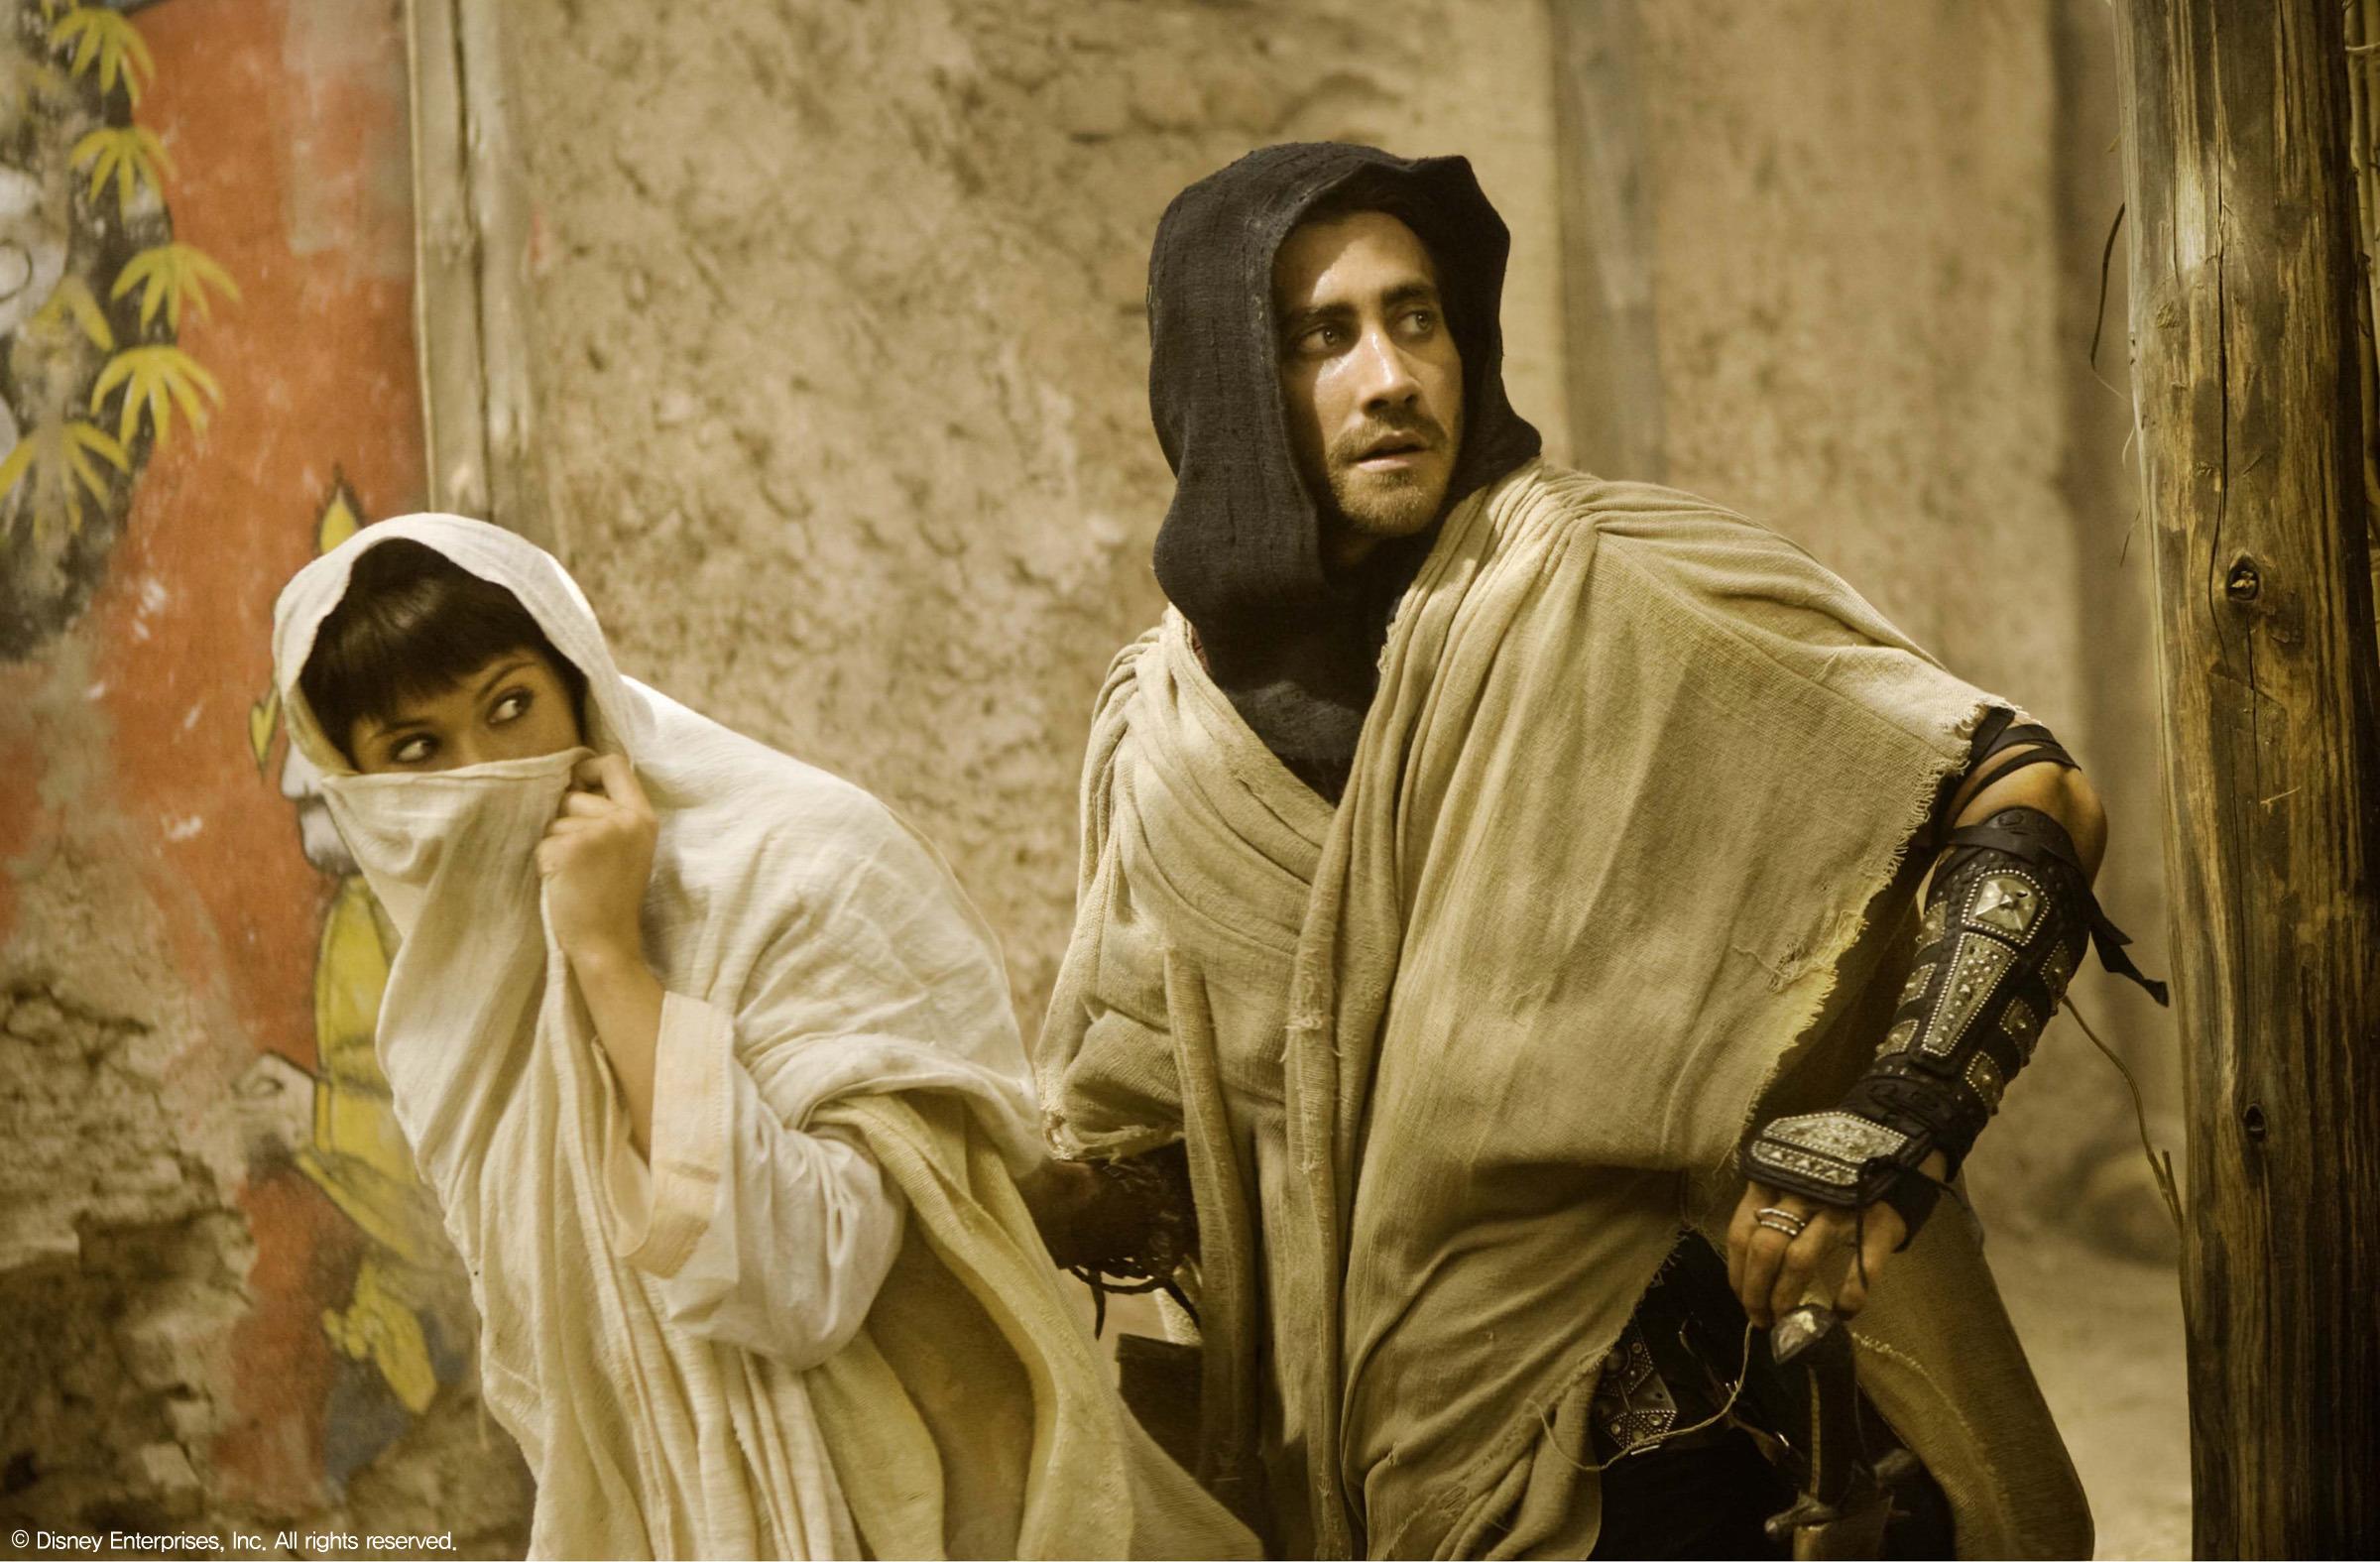 페르시아의 왕자: 시간의 모래